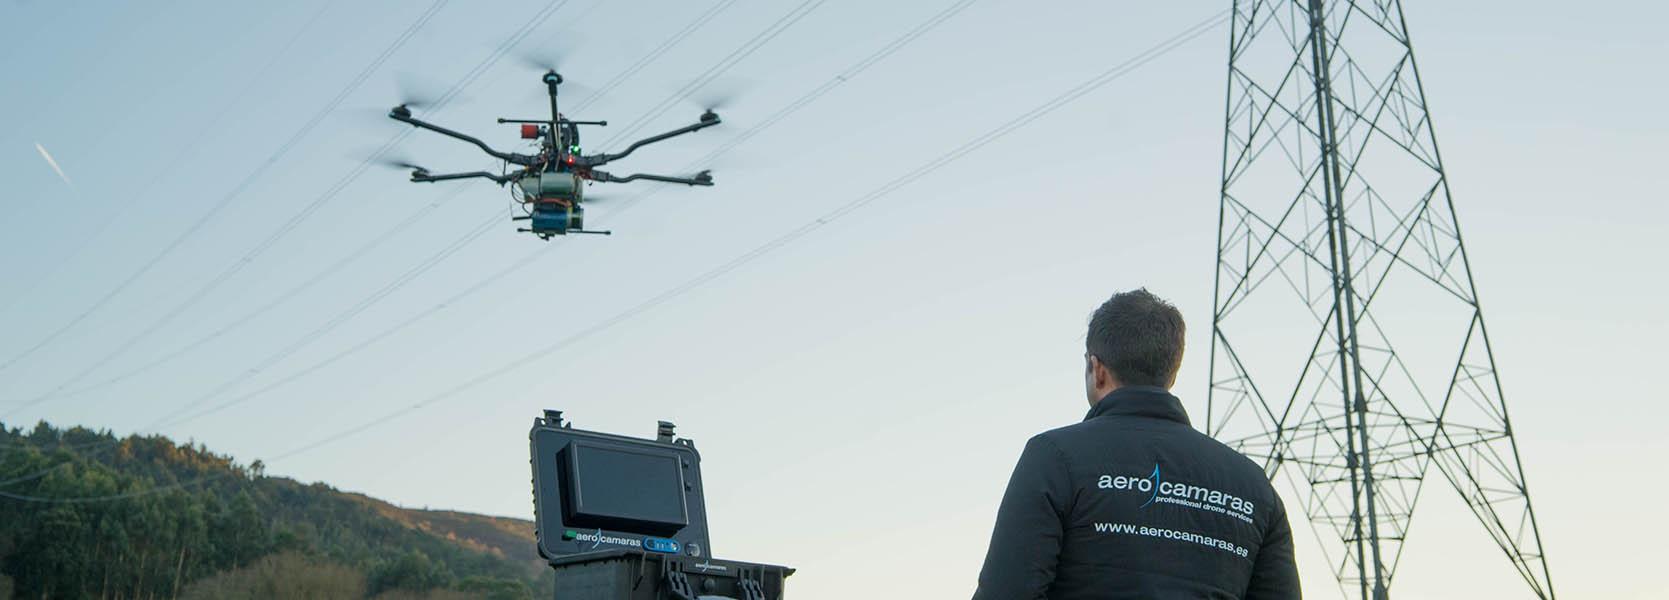 AEROCAMARAS - Especialistas en Drones